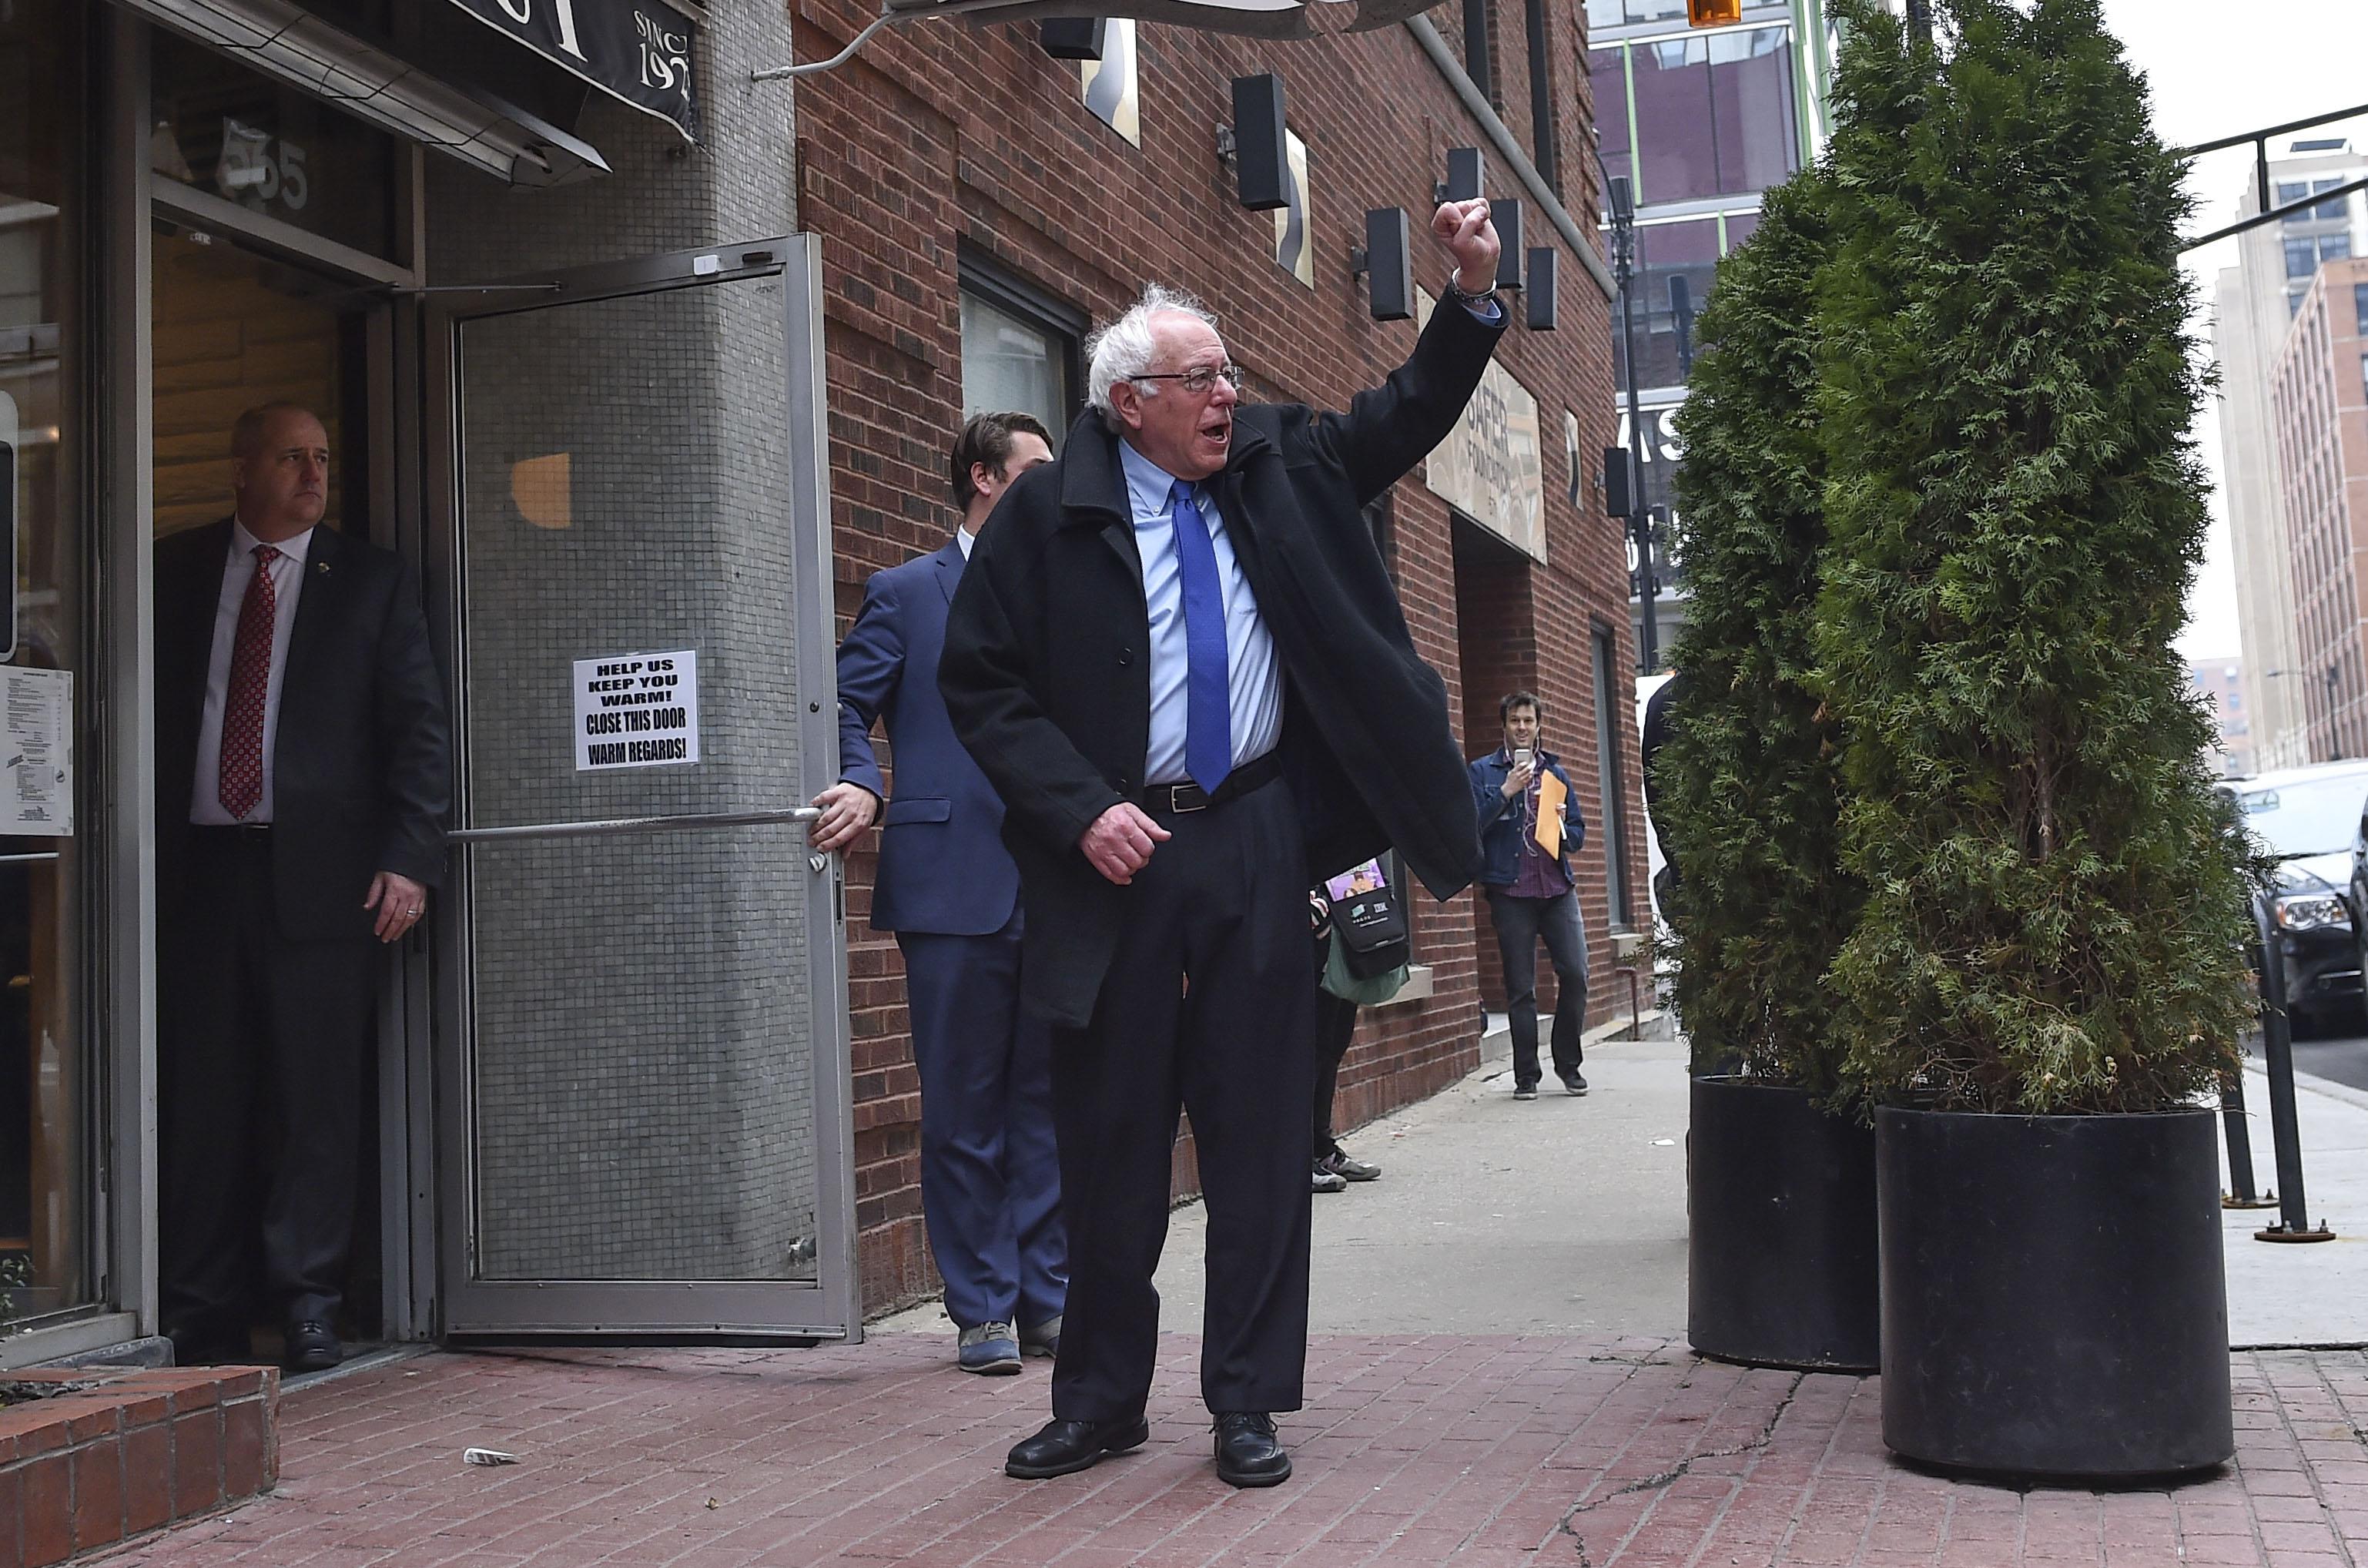 CHICAGO, IL - MARCH 15: Democratic presidential candidate Berni